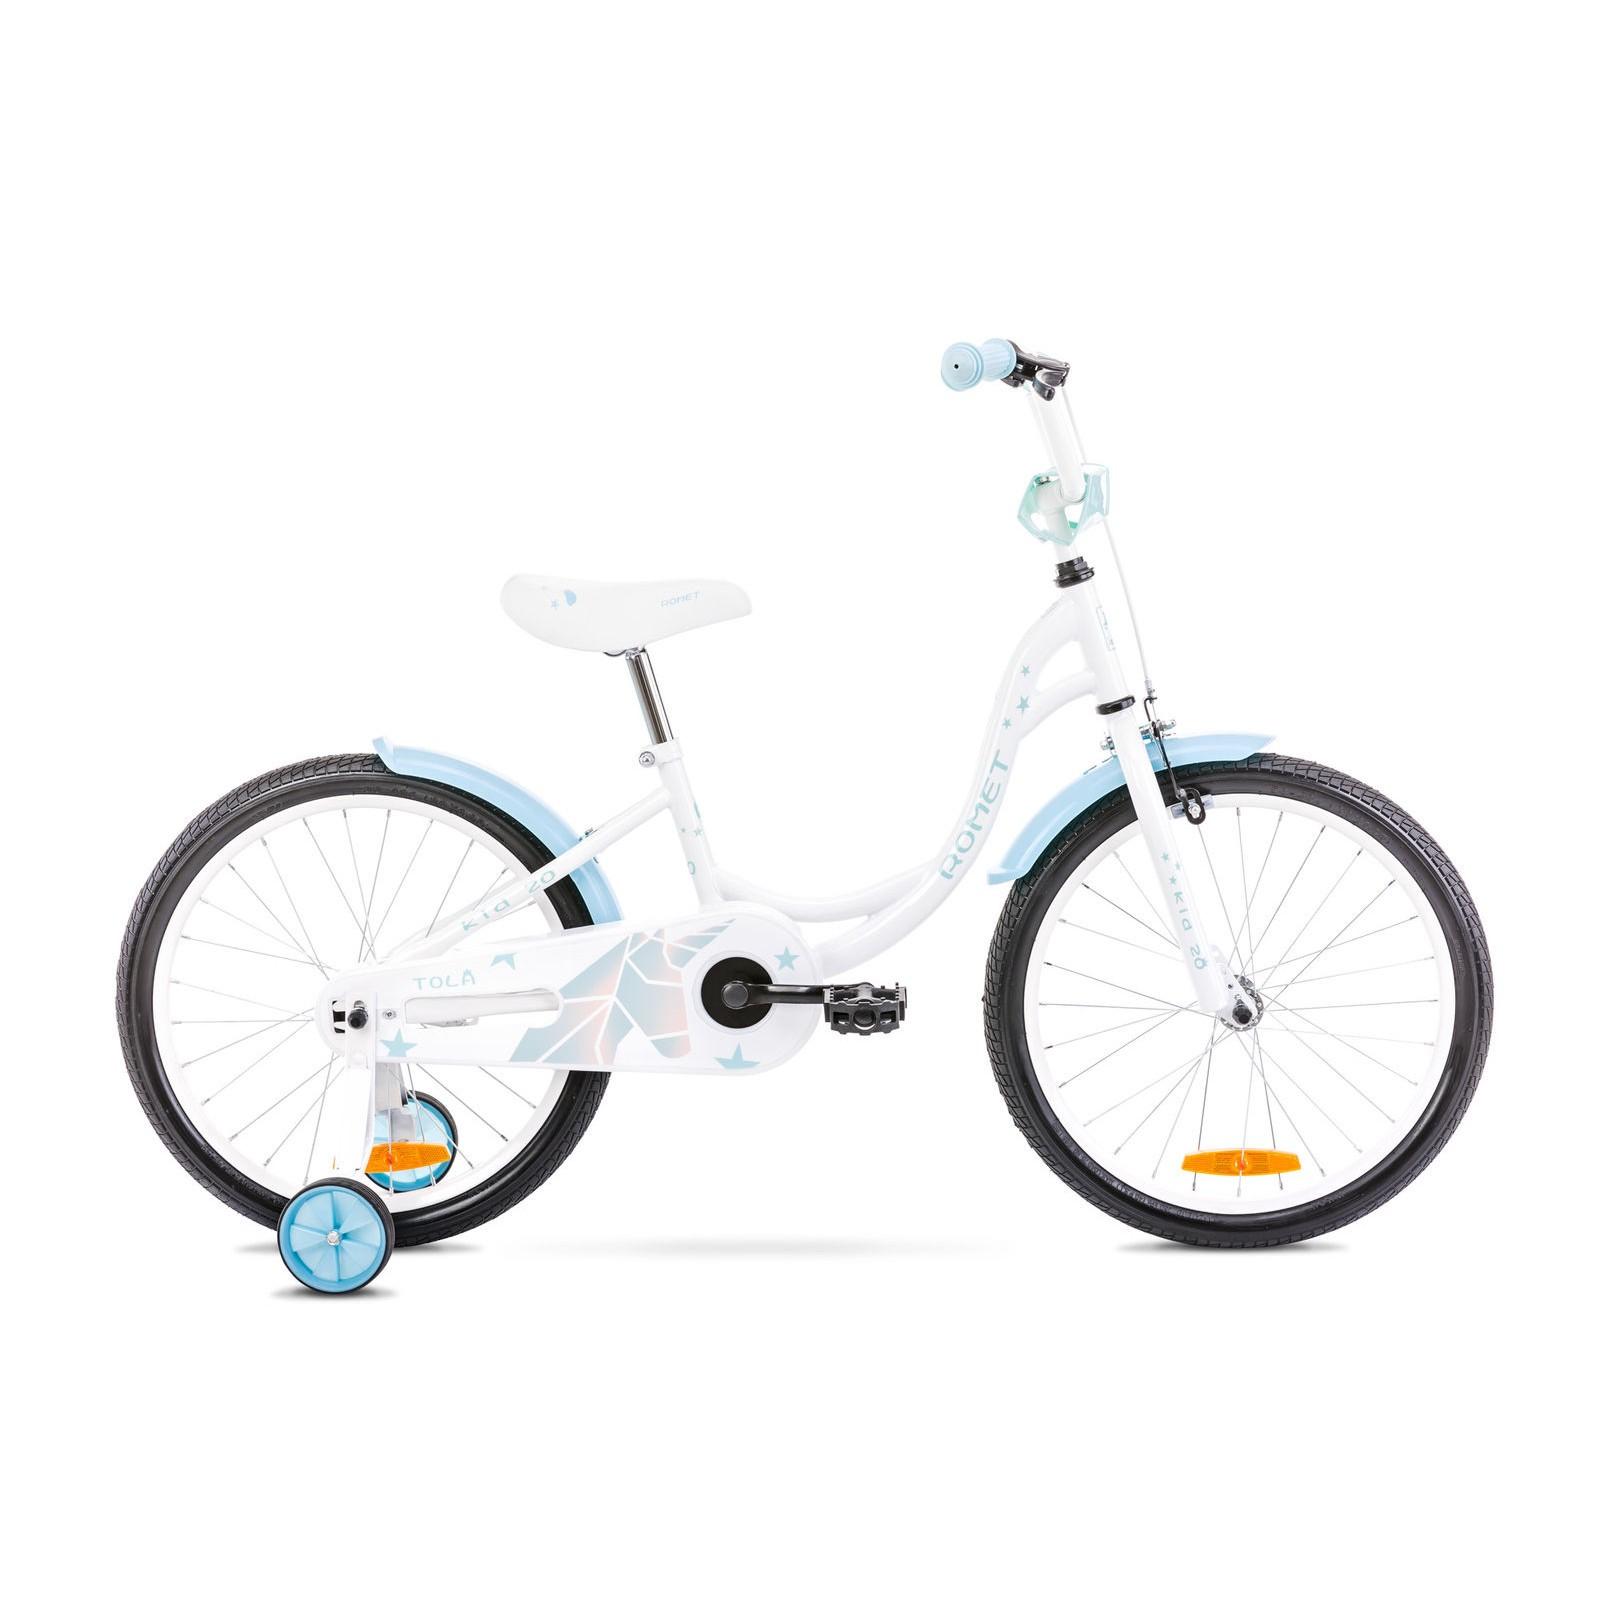 Bicicleta de oras, buget lei - Page 2 - Forumul Softpedia